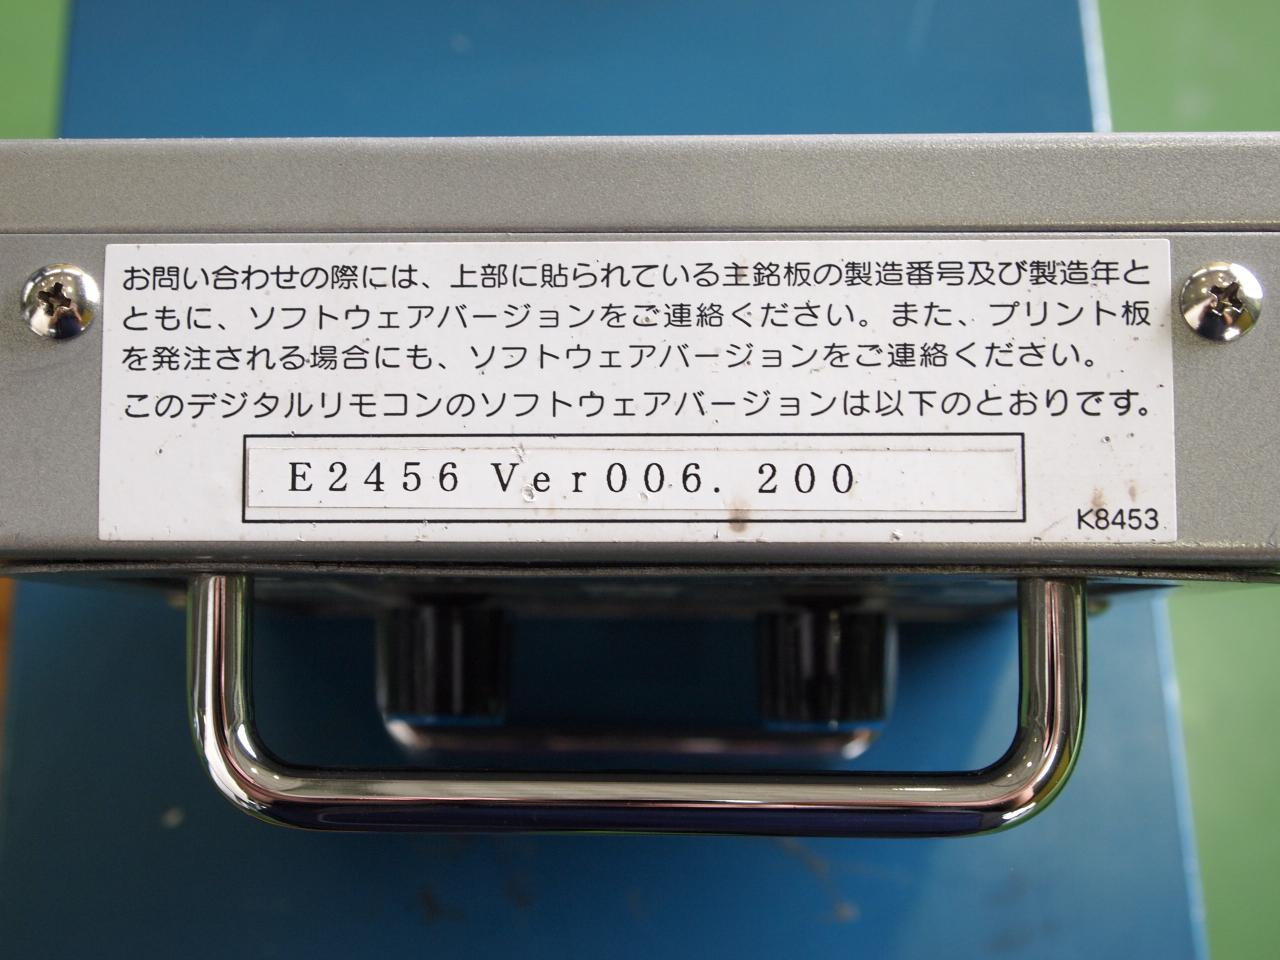 DA-300P(S-1)のリモコンのバージョン情報